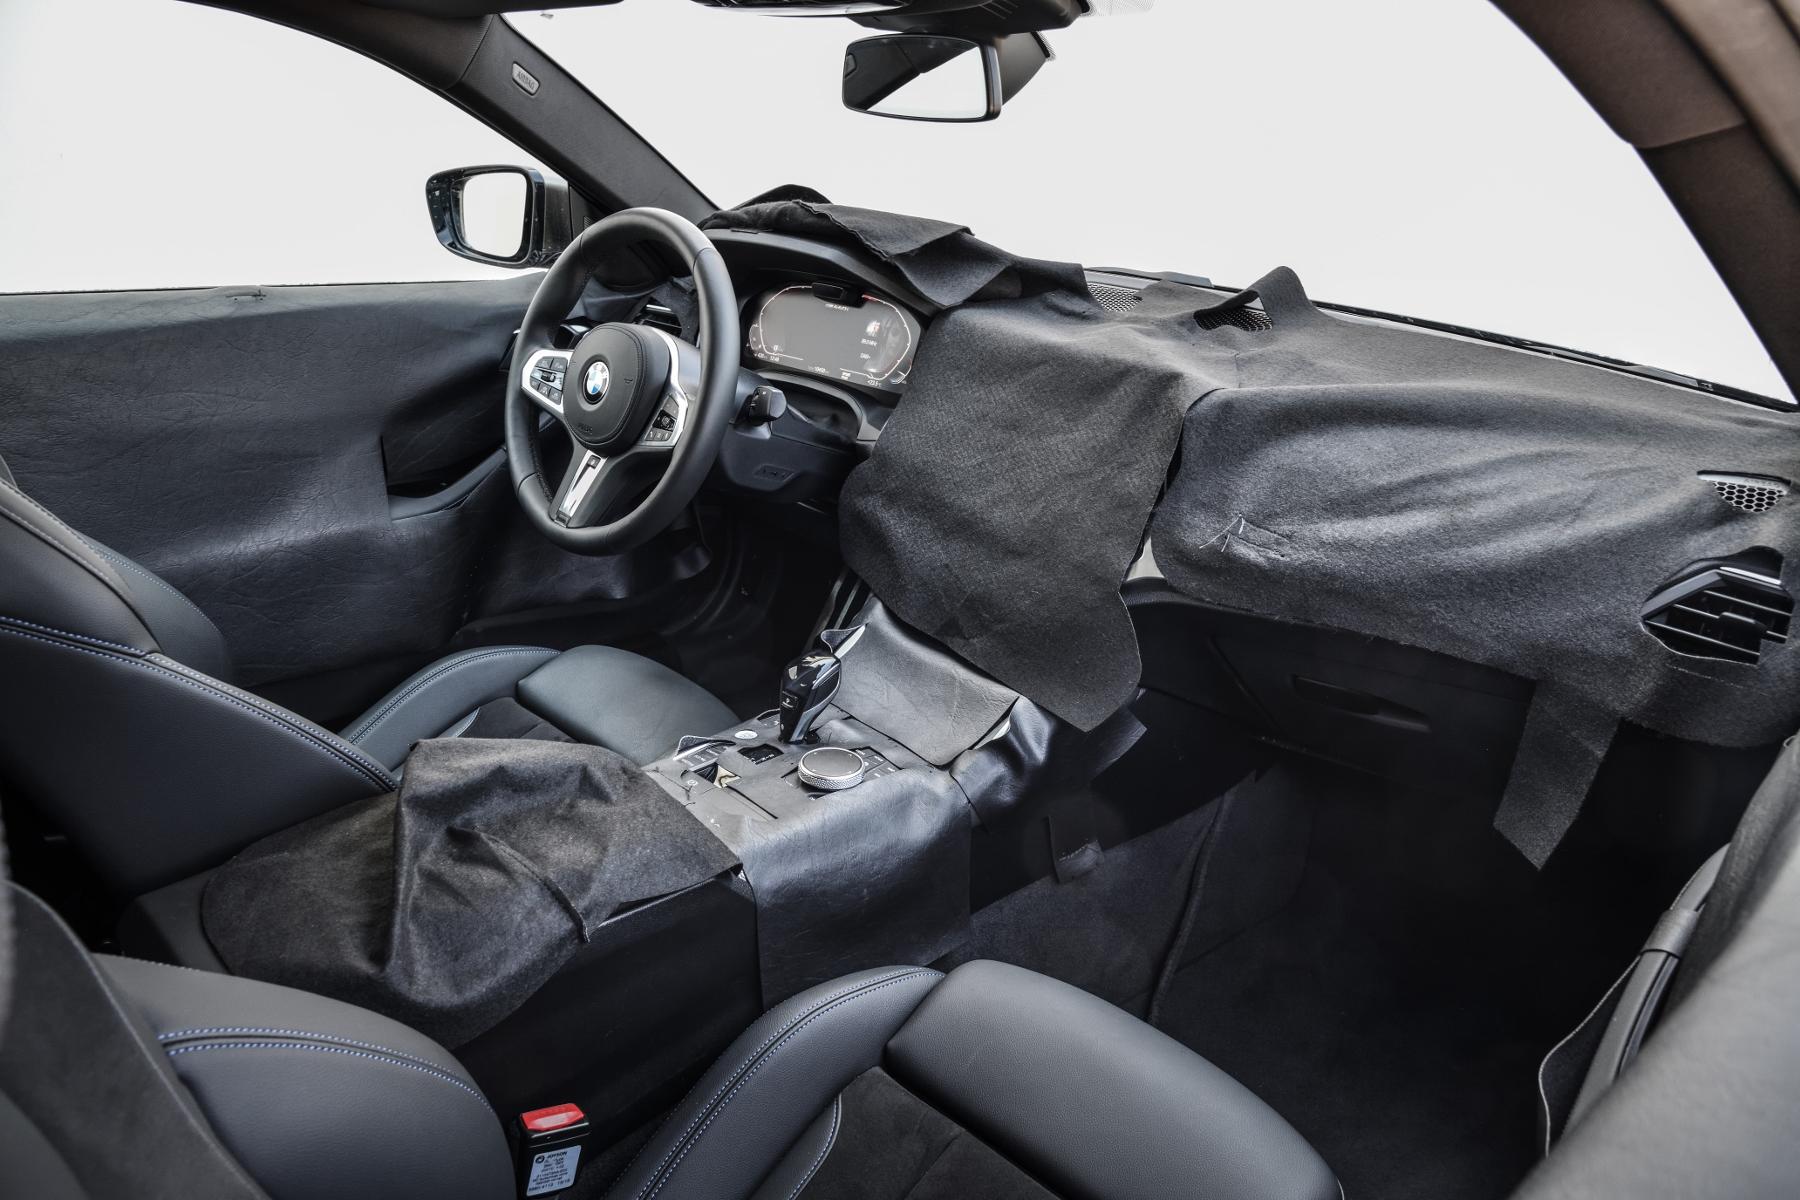 Nové BMW radu 4 Coupé dostane športovejší podvozok xuajGS3kRy bmw-4-coupe-22